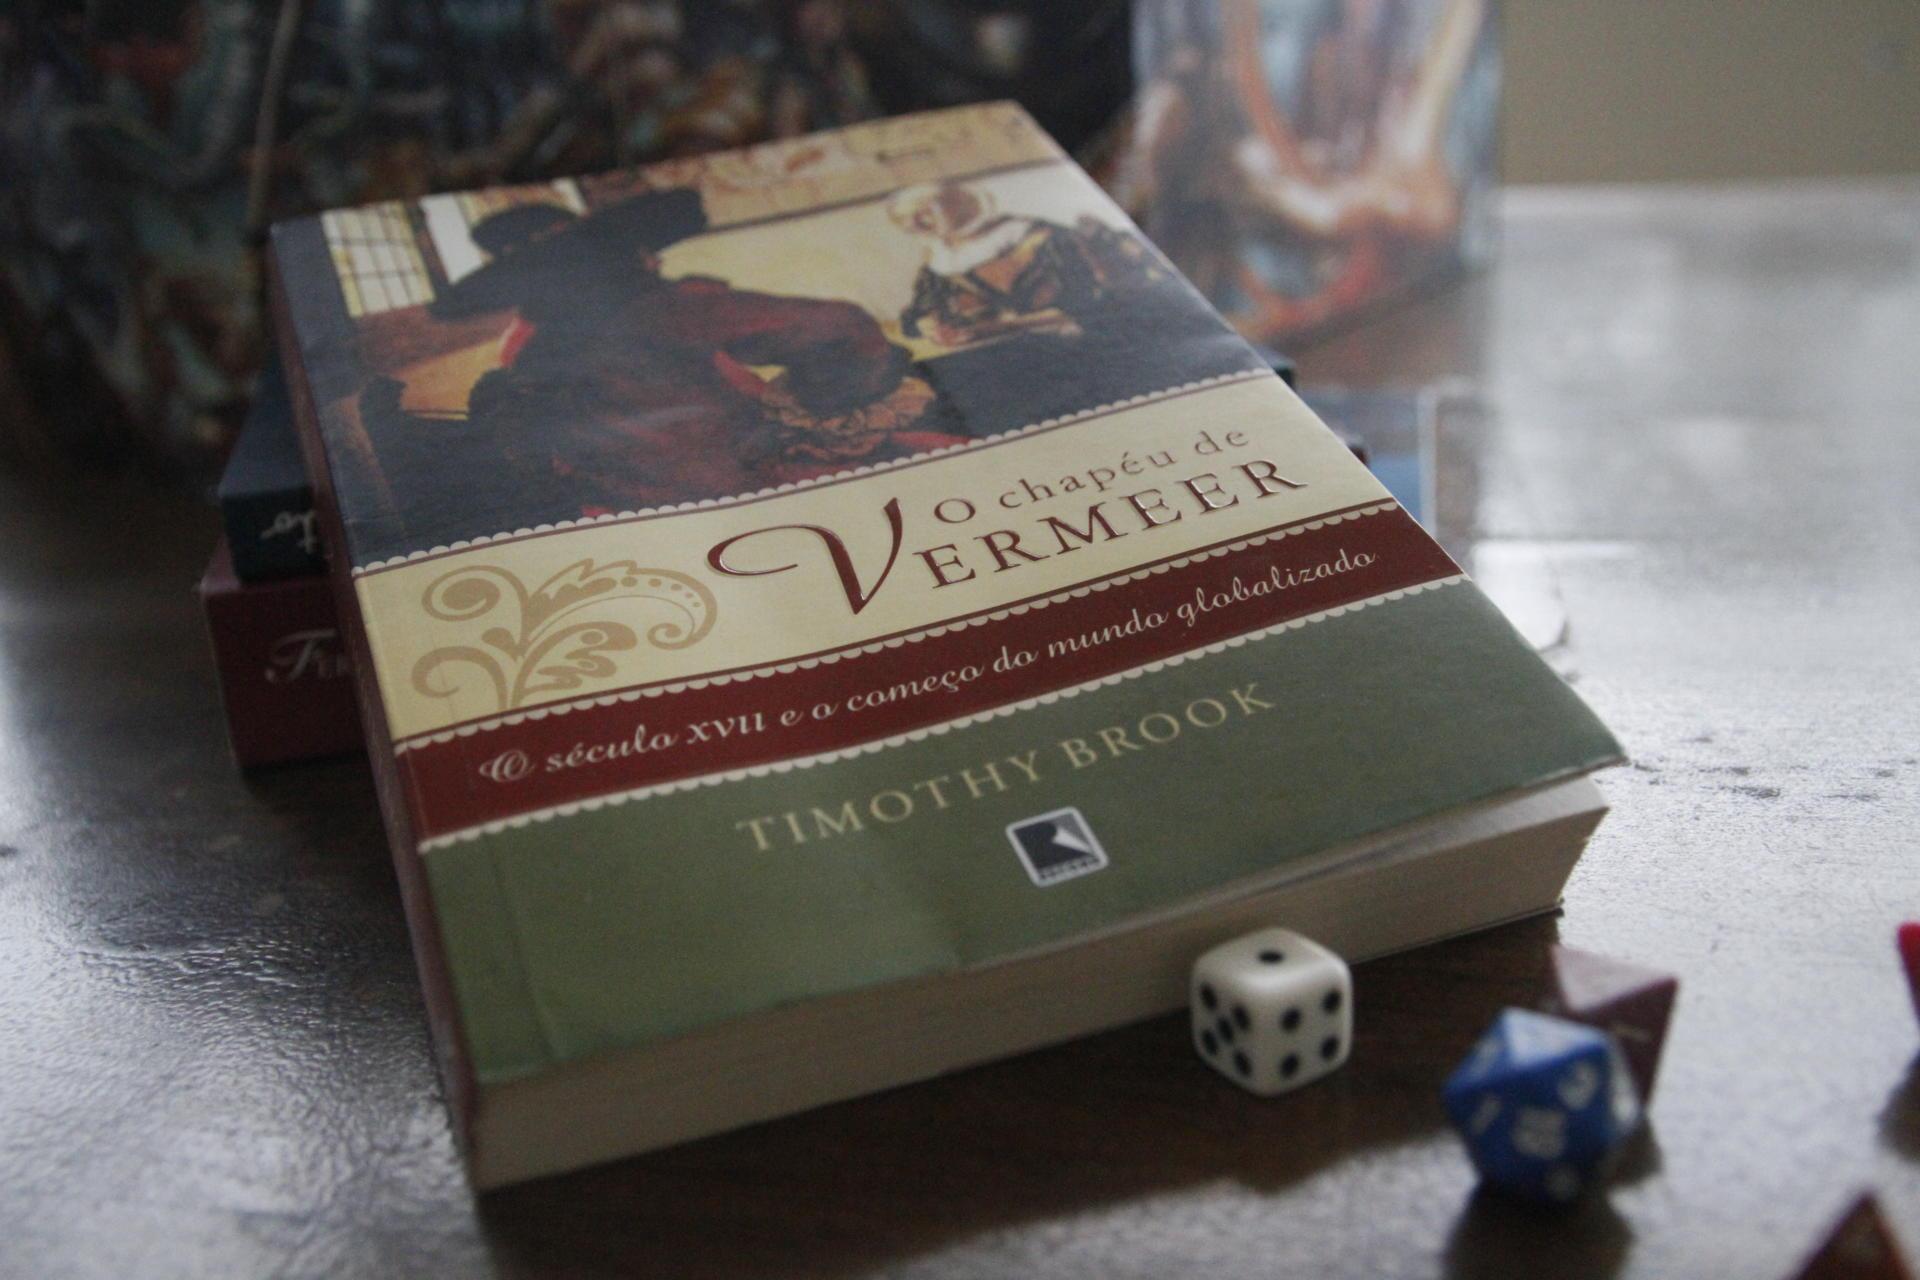 Foto colorida horizontal mostra a capa do livro e dados que serão utilizados no RPG